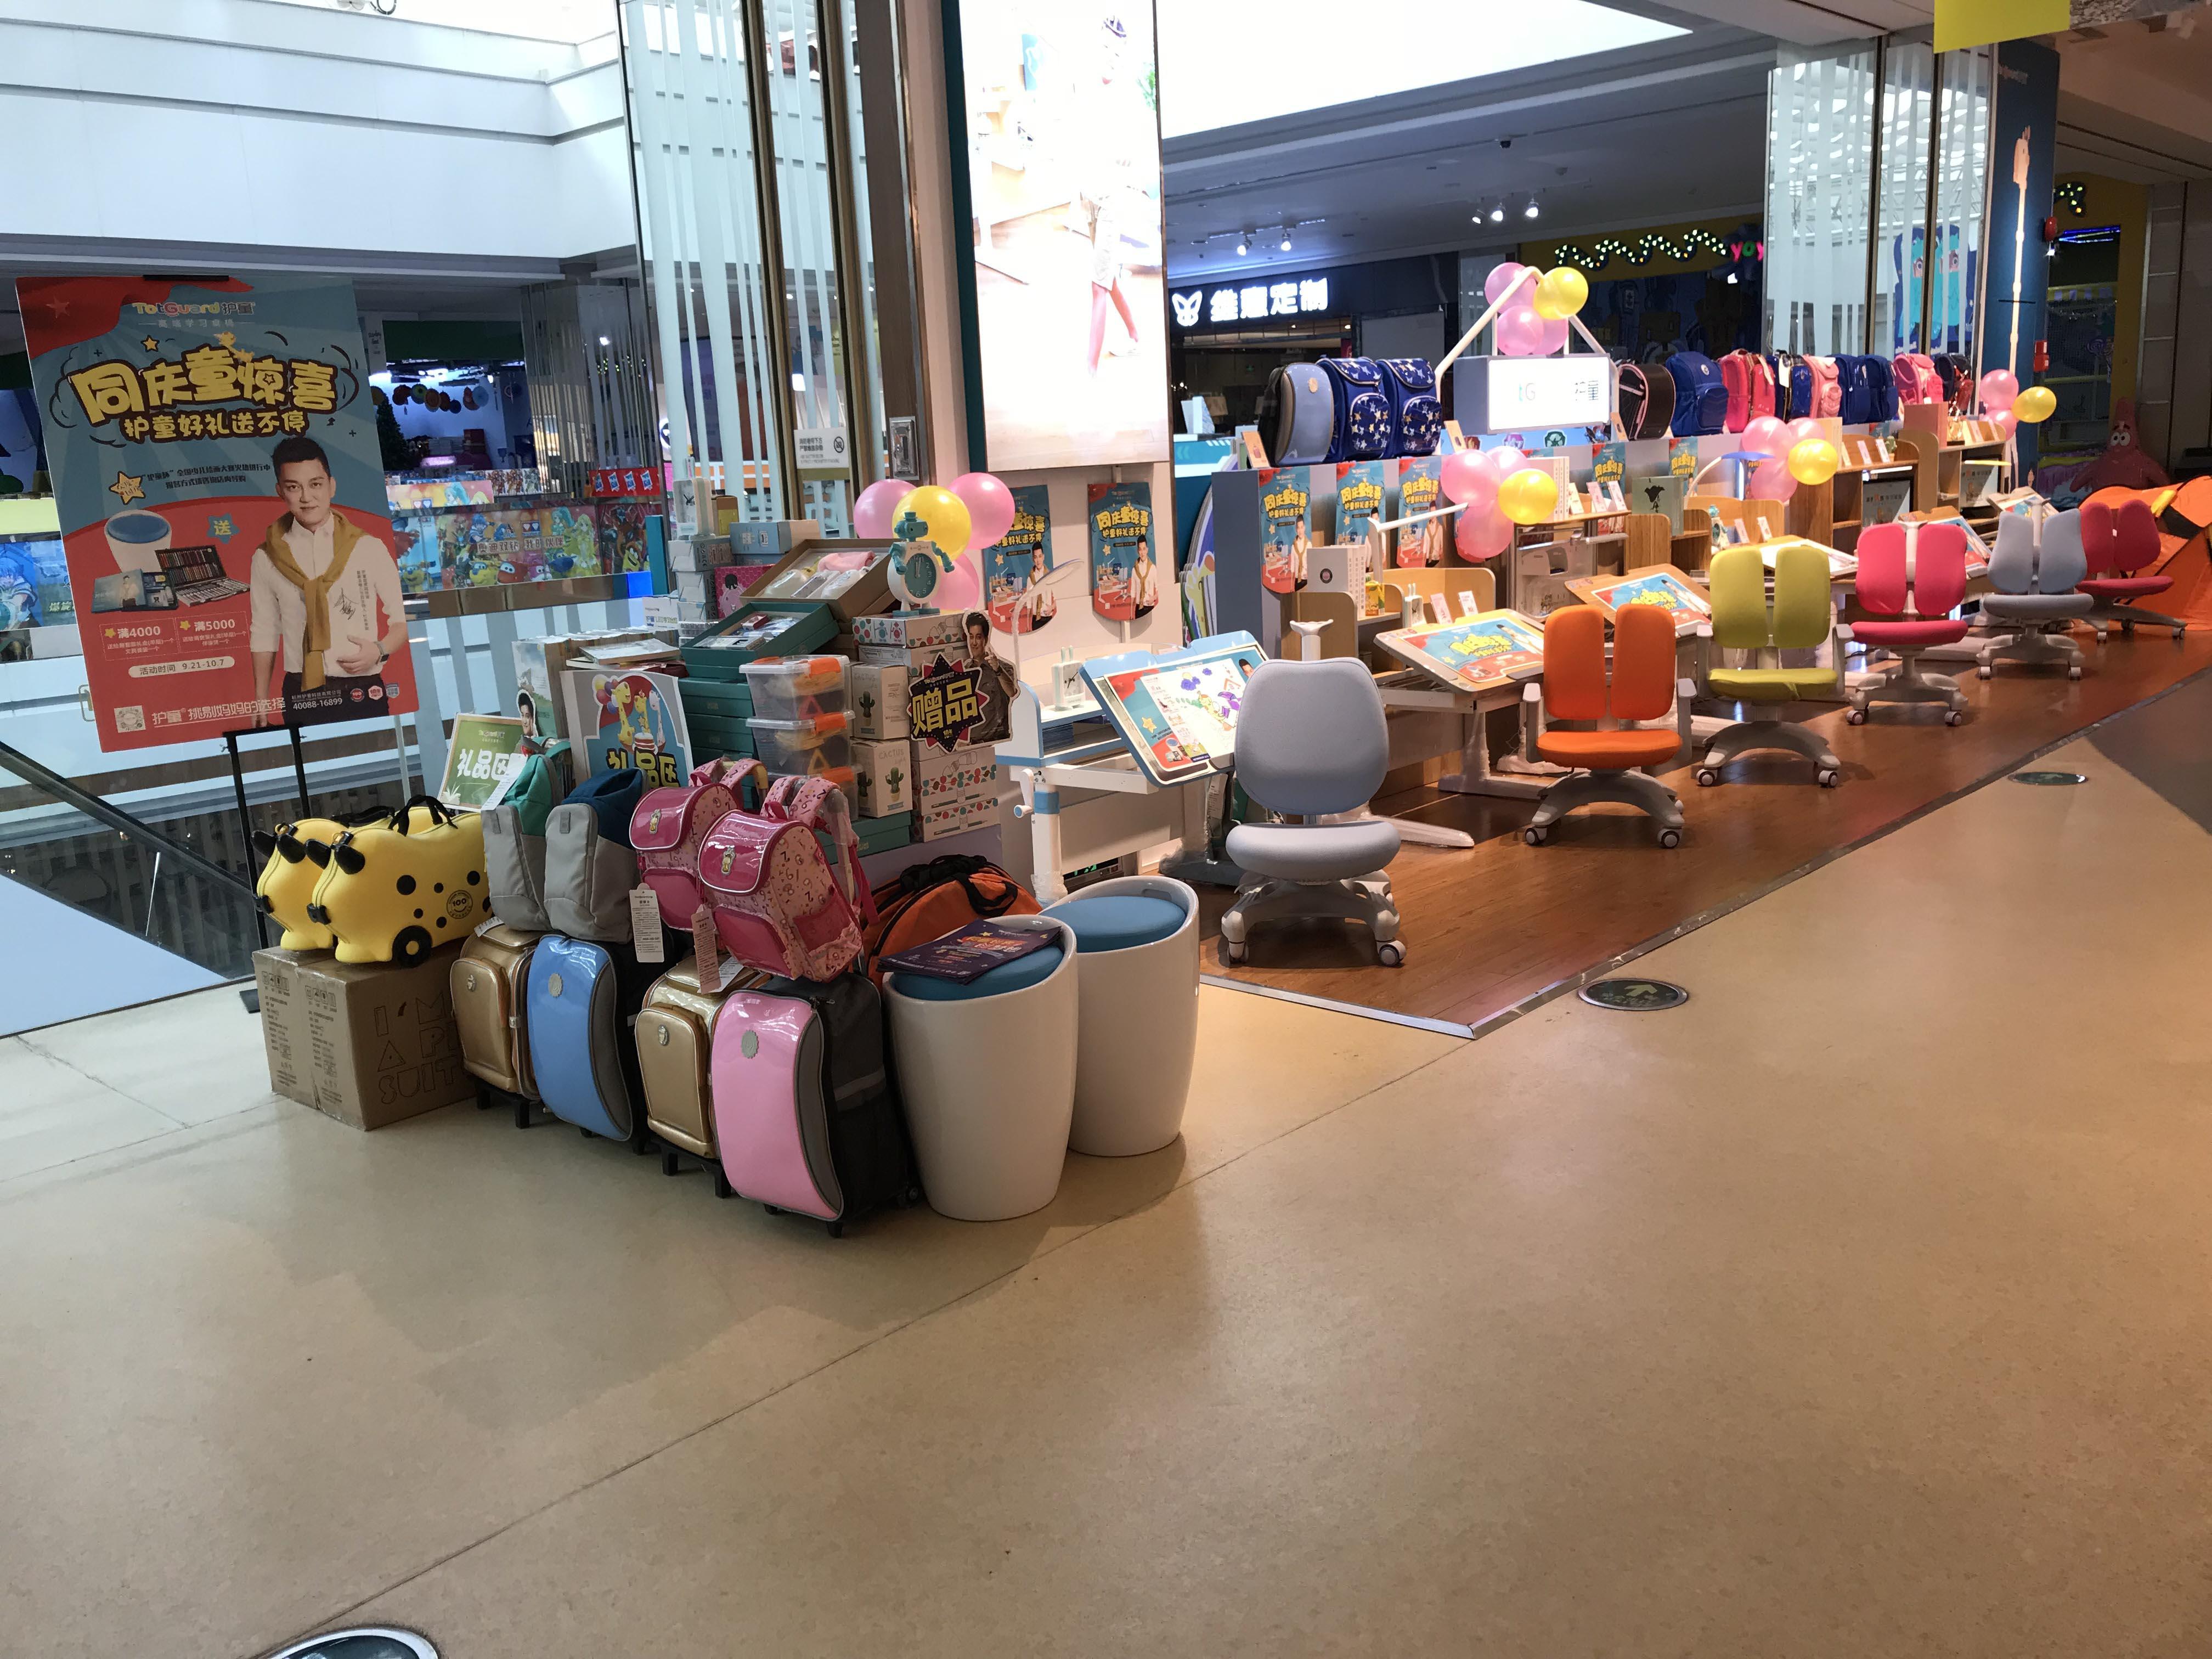 热烈祝贺护童第1510家广州番禺海印又一城护童专柜盛大开业!